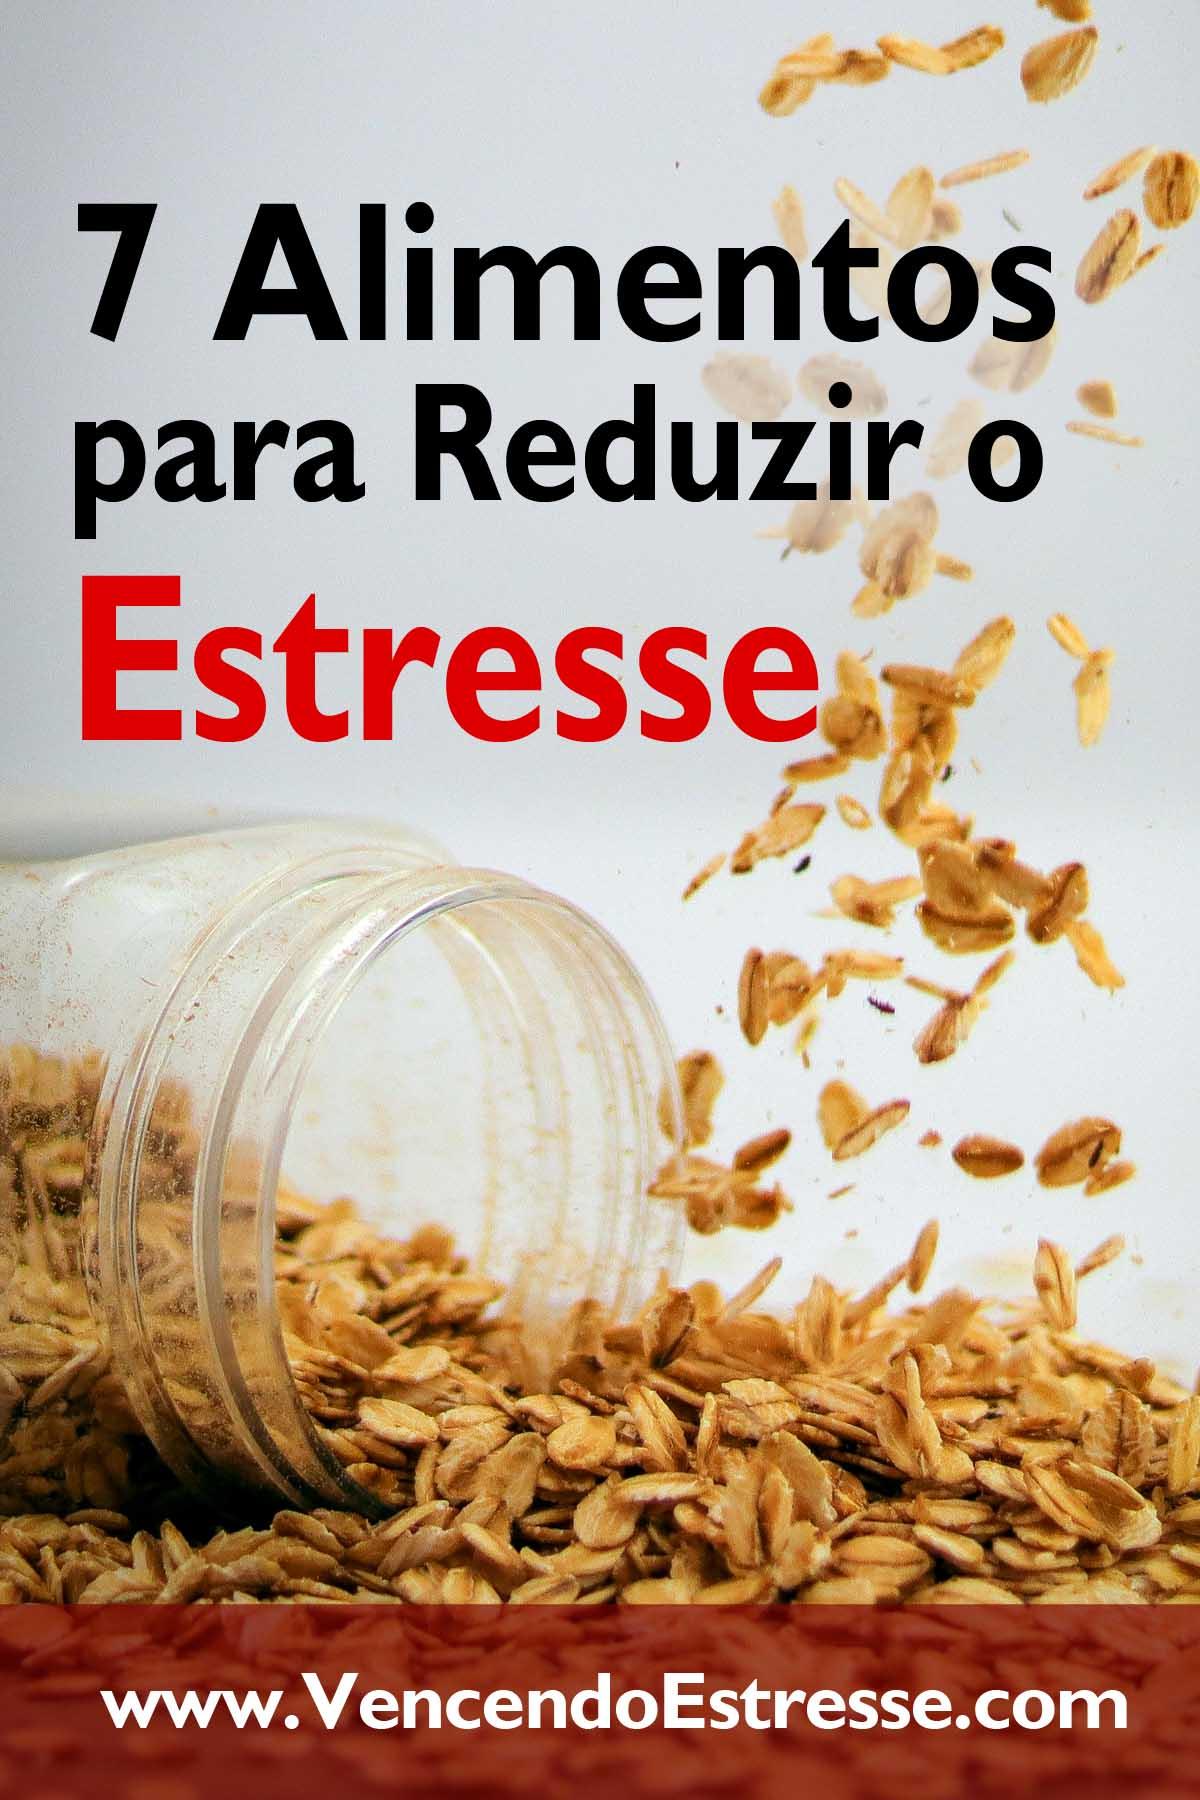 Sete Alimentos para Reduzir o Estresse